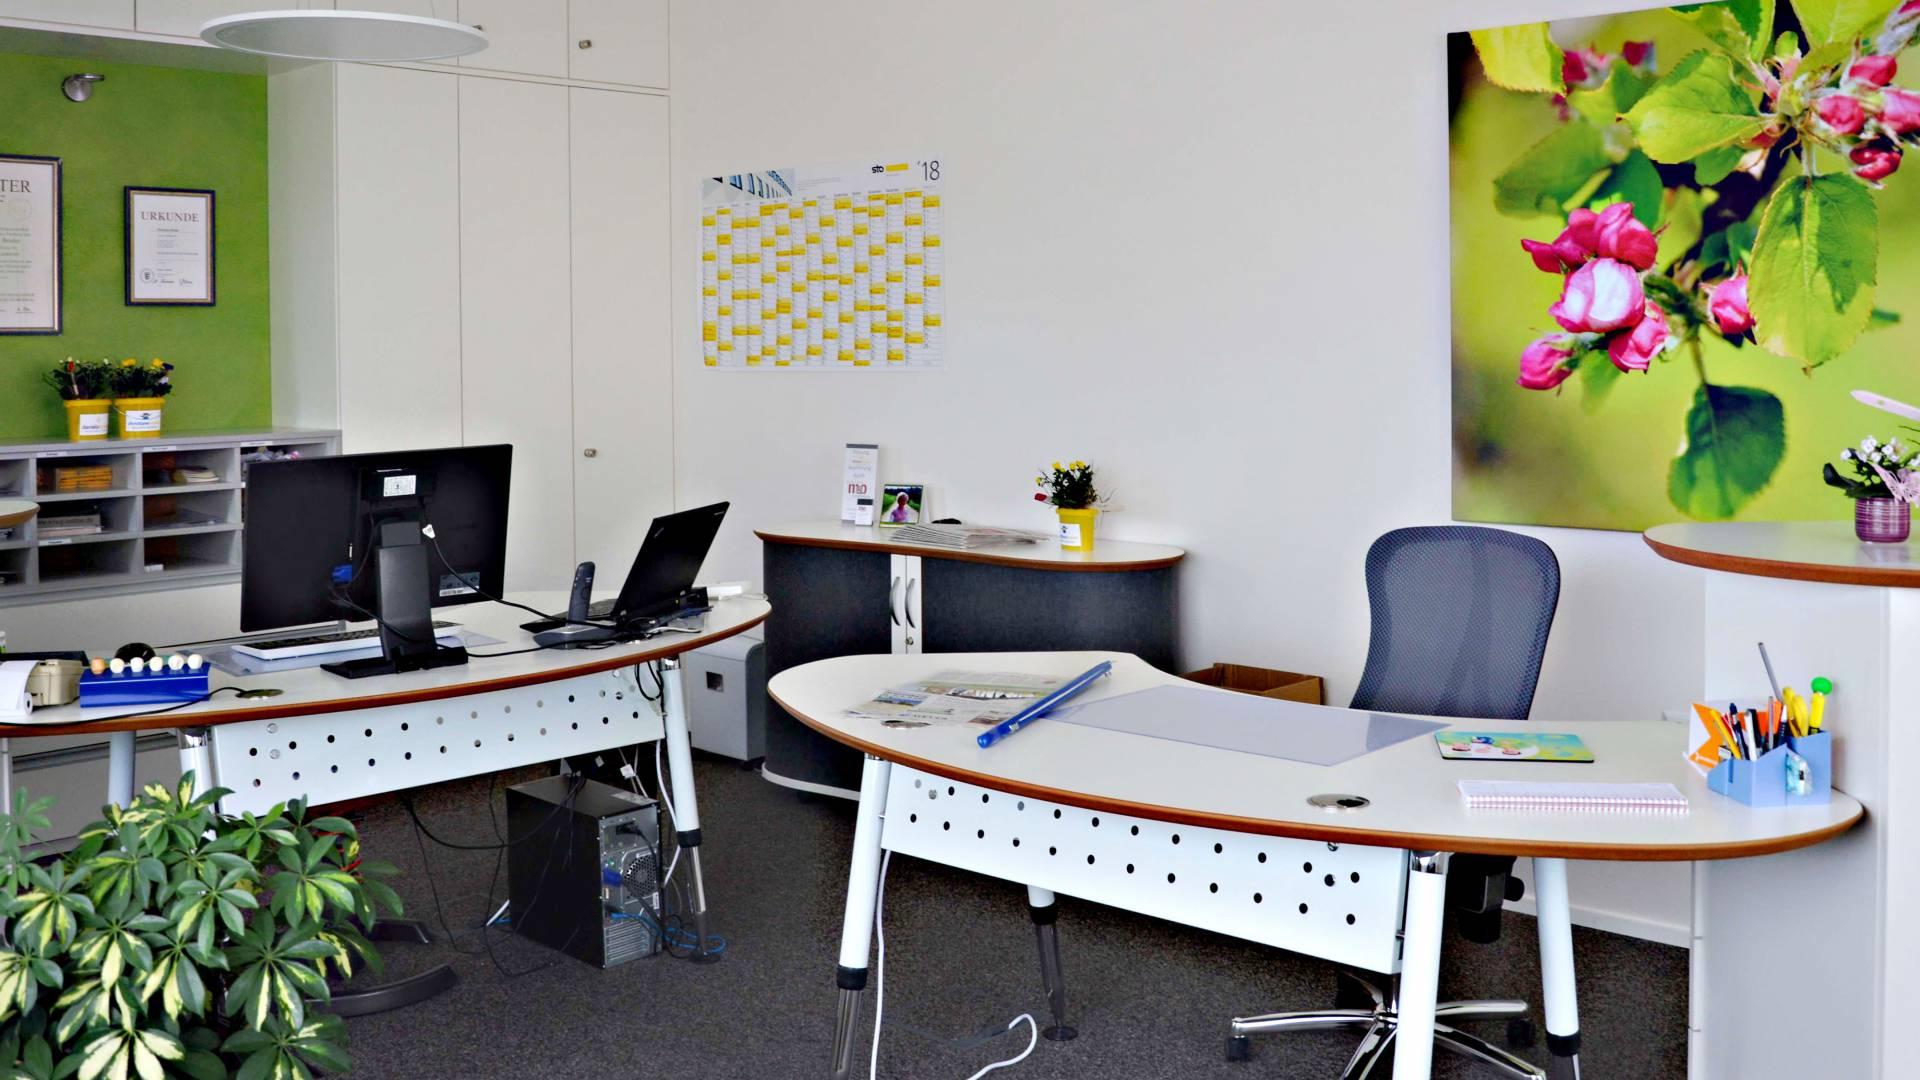 Maler Christiane Bruder mit neuem Büro für 2 Mitarbeiter - Vital-Office